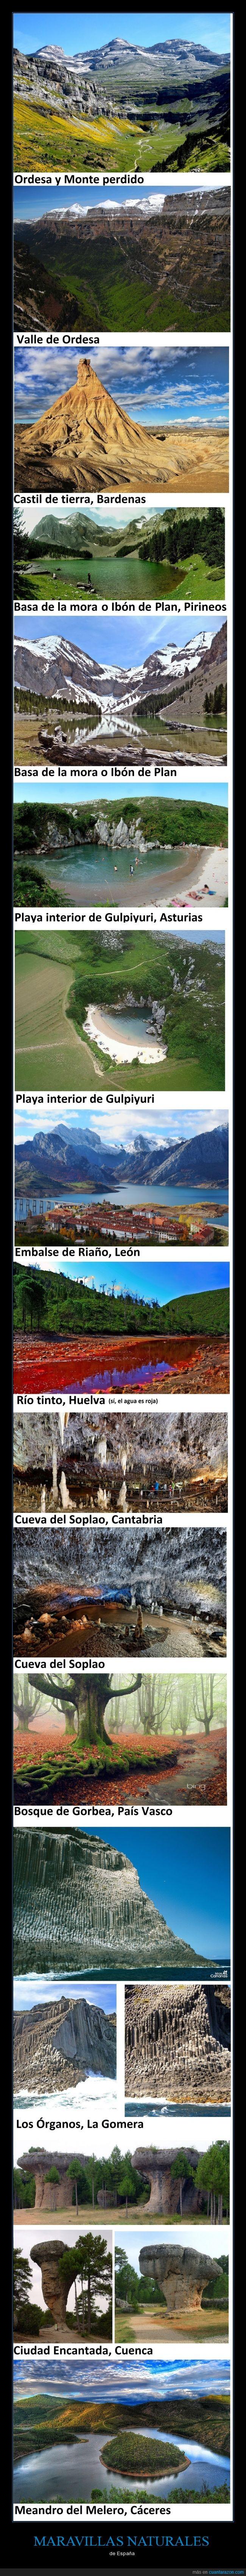 asturias,canarias,cantabria,ciudad encantada,cueva,españa,esperemos que no pierdan mucha calidad las fotos,gomera,gorbea,lagos,maravillas,montañas,naturales,ordesa,órganos,país vasco,paisajes,ríos